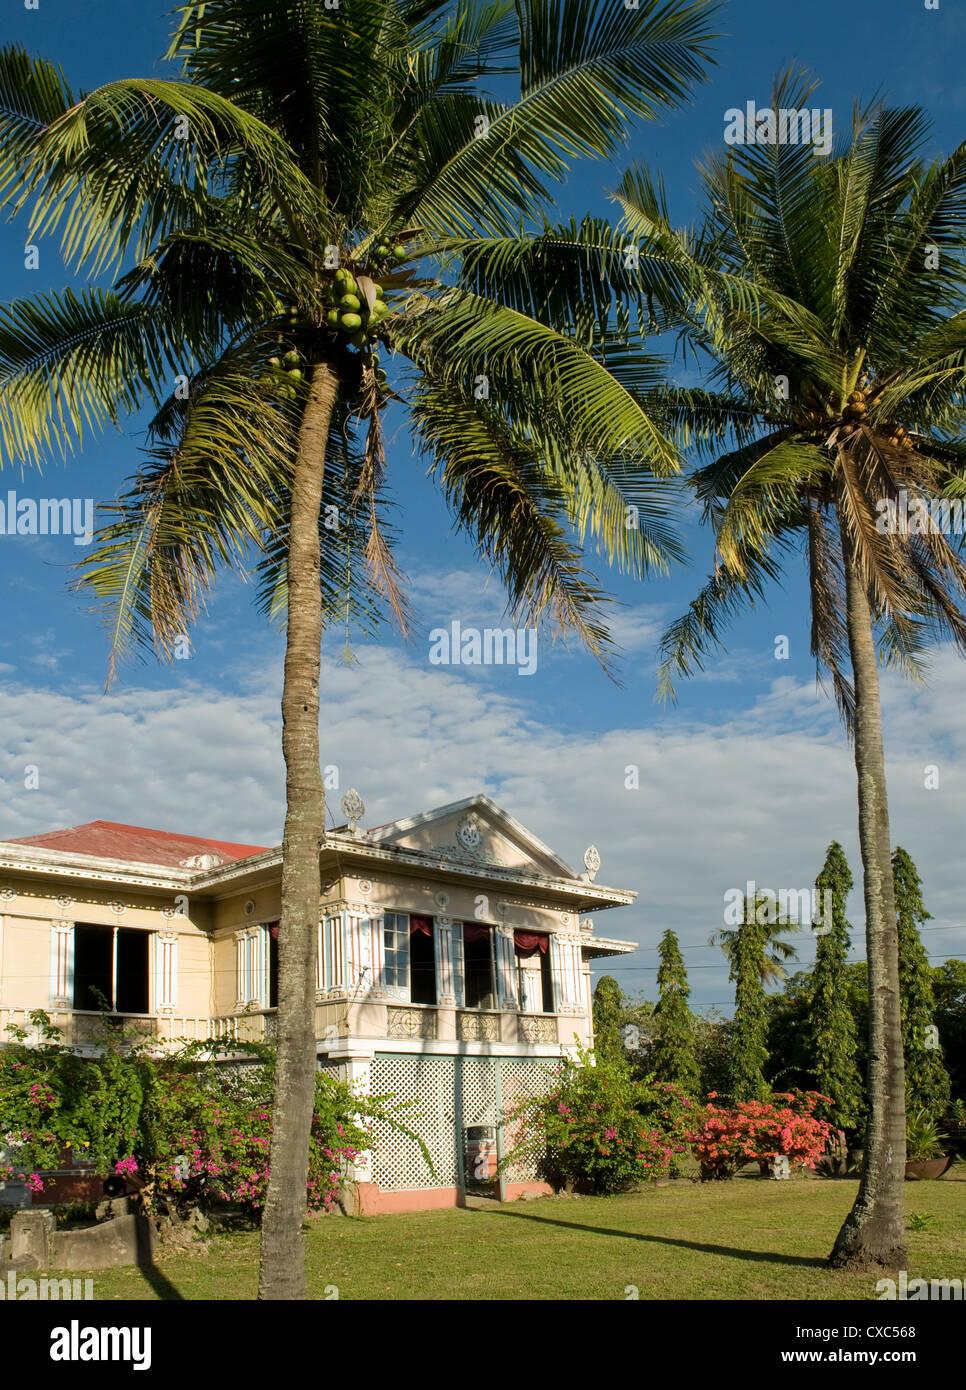 Montiola Sanson Heritage house, Iloilo, Philippines, Southeast Asia, Asia Stock Photo